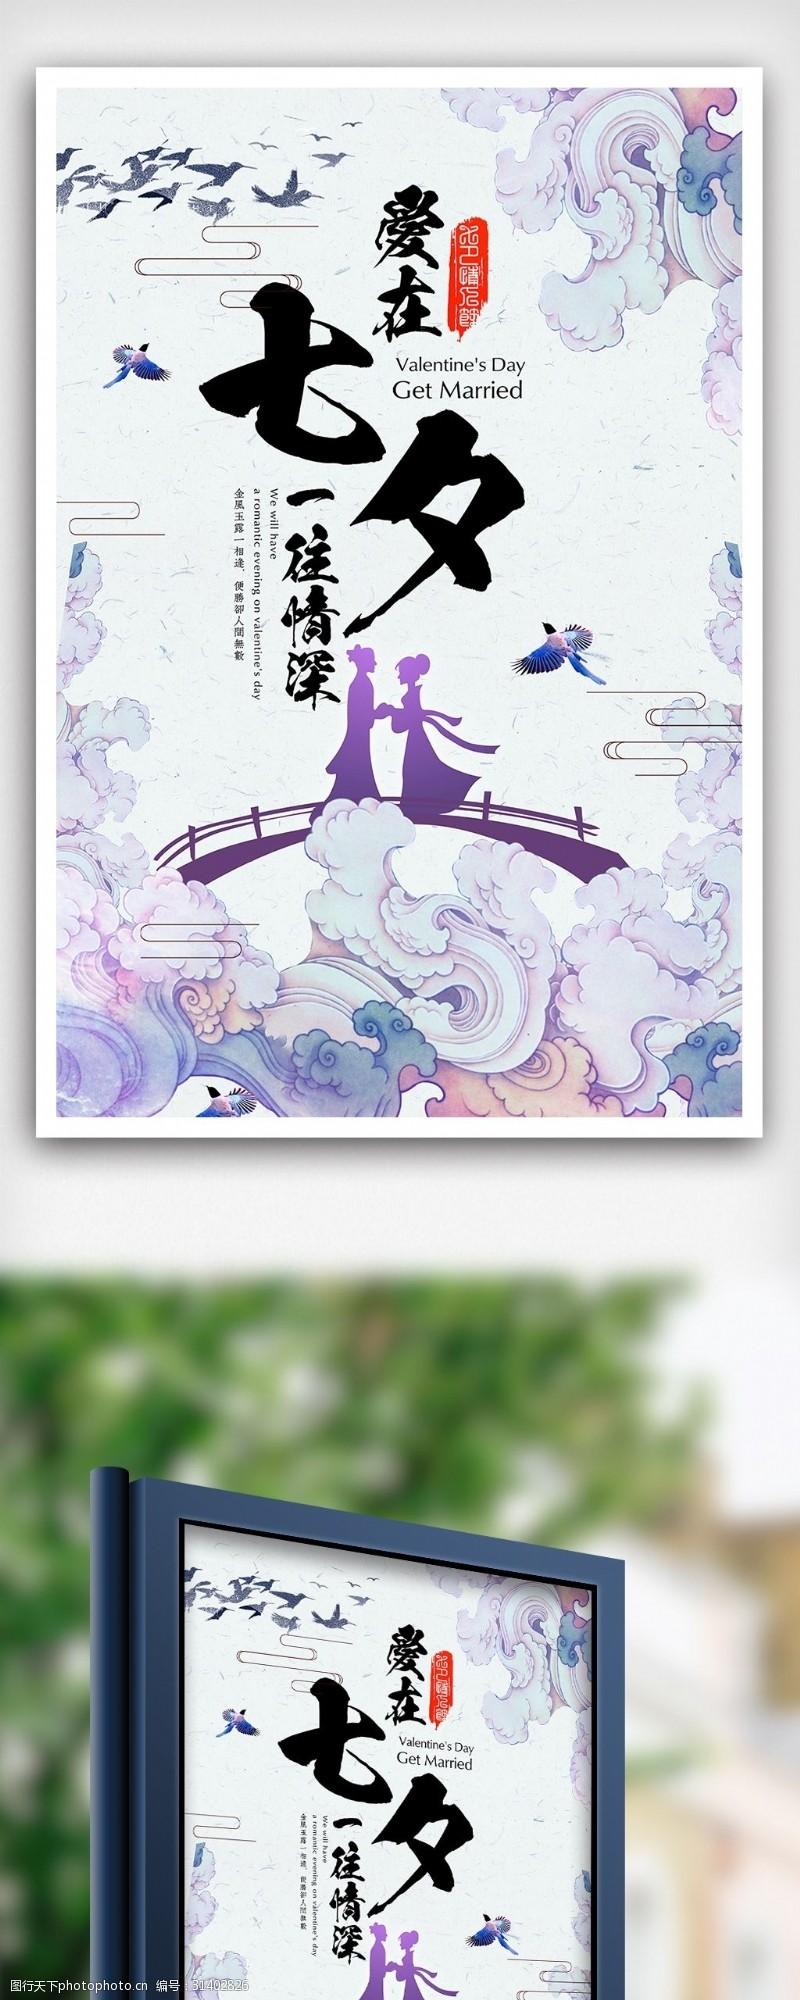 手繪中國風七夕宣傳海報